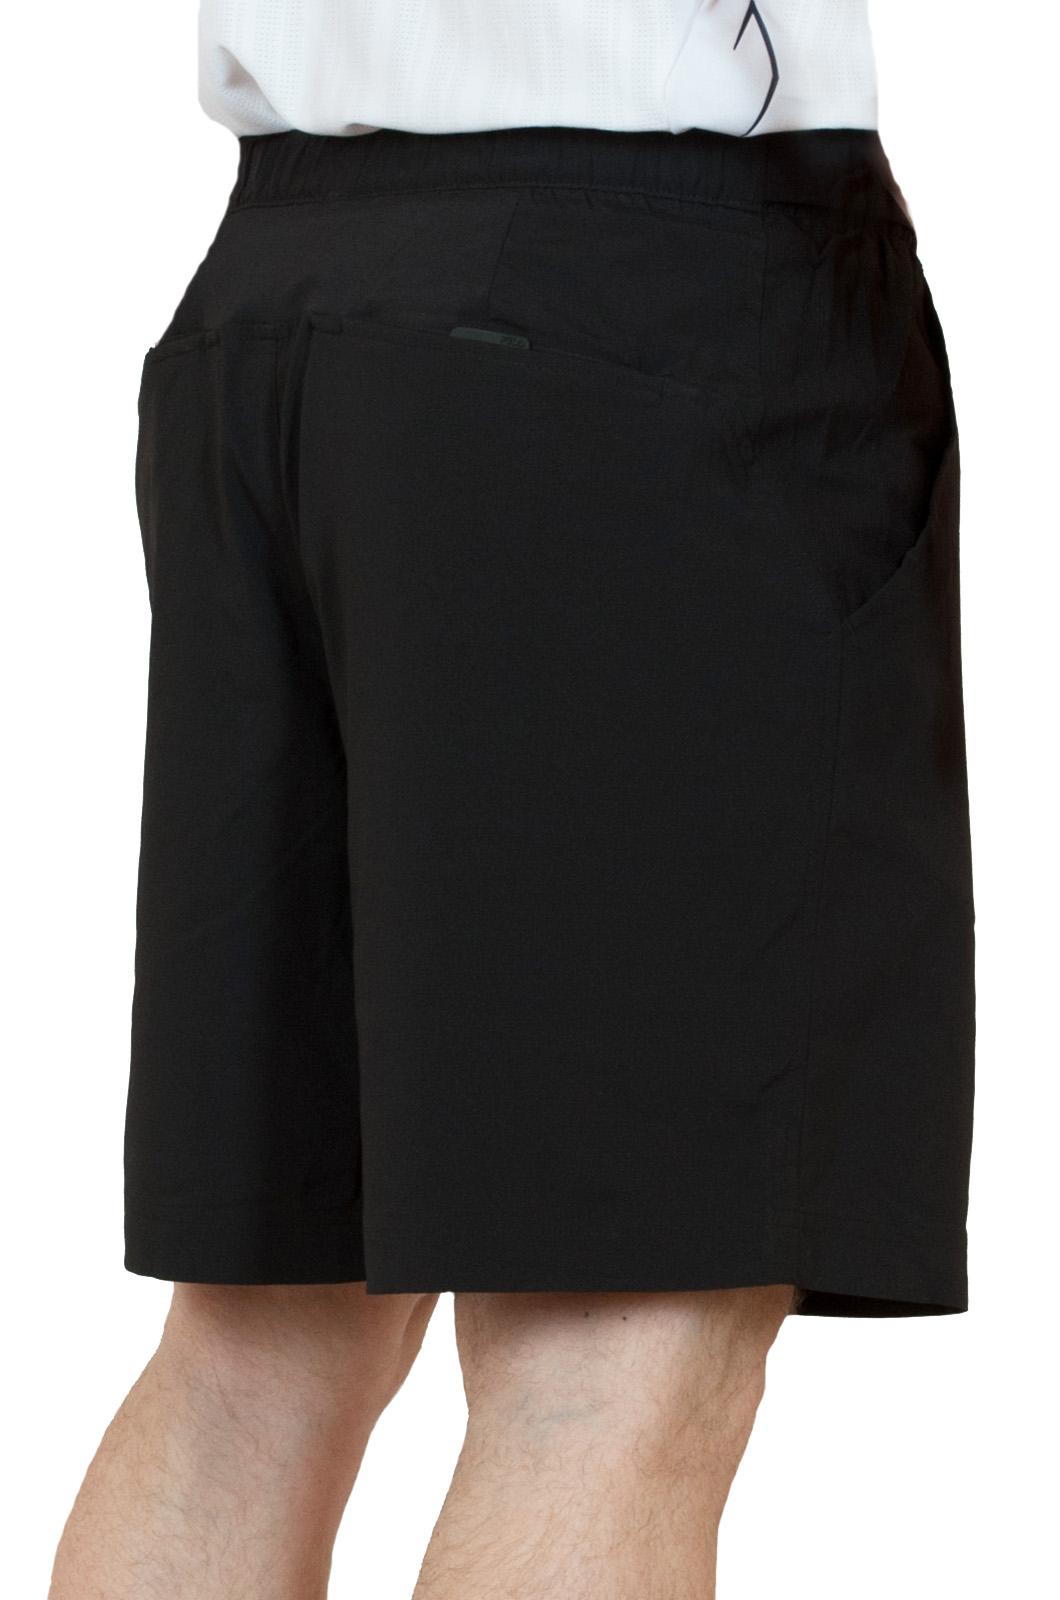 Черные спортивные шорты для мужчин - вид сзади